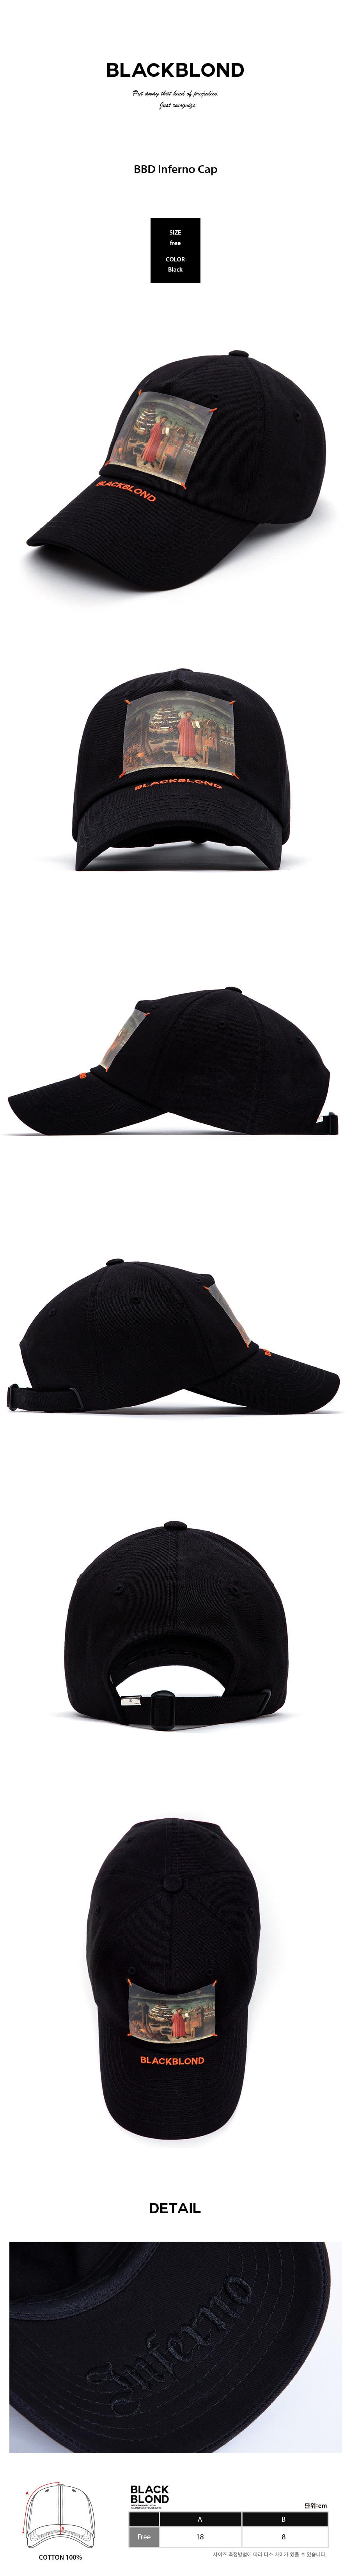 BLACKBLOND - BBD Inferno Cap (Black)